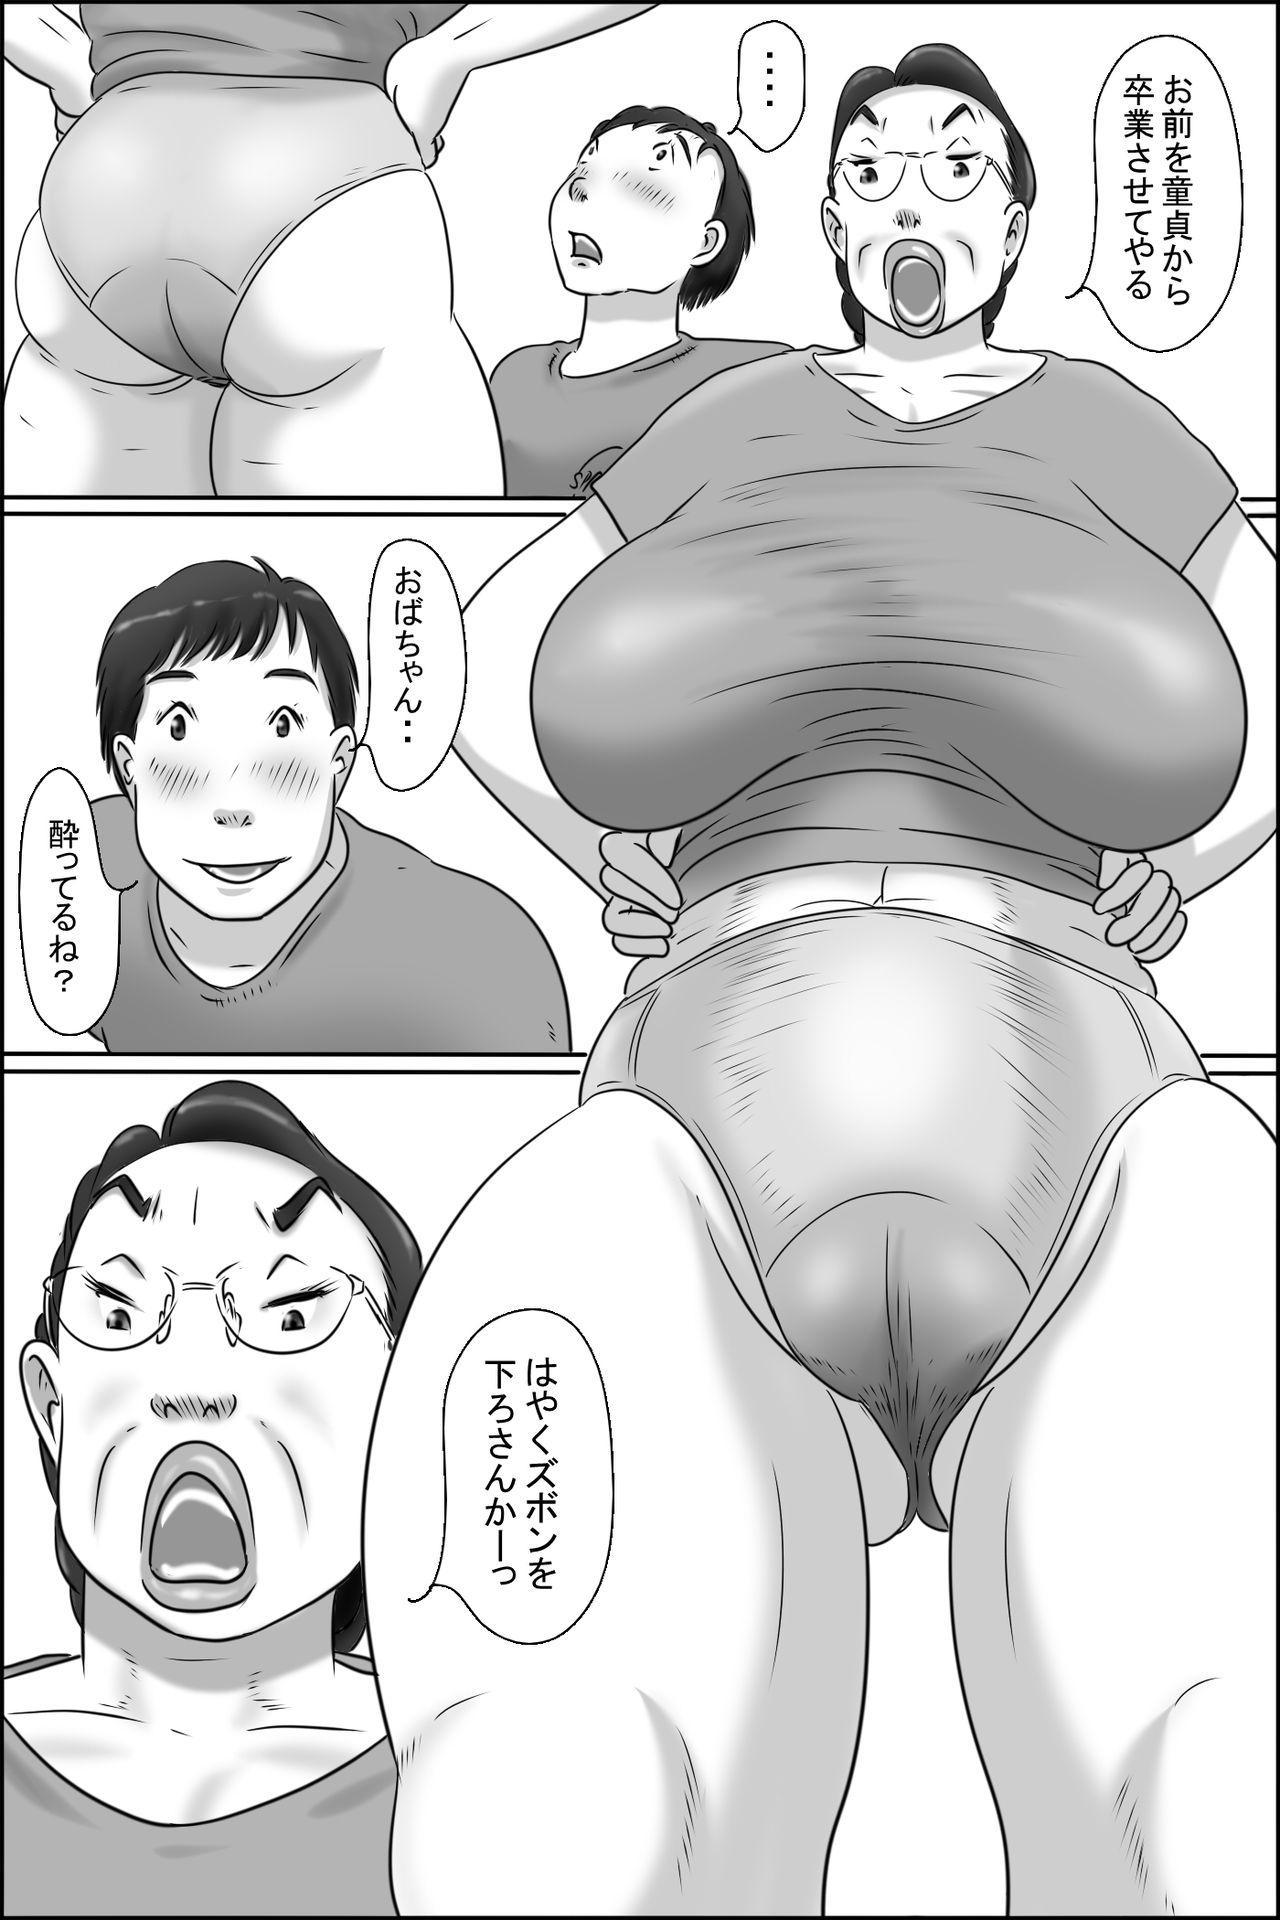 Aunty of Shimura 10